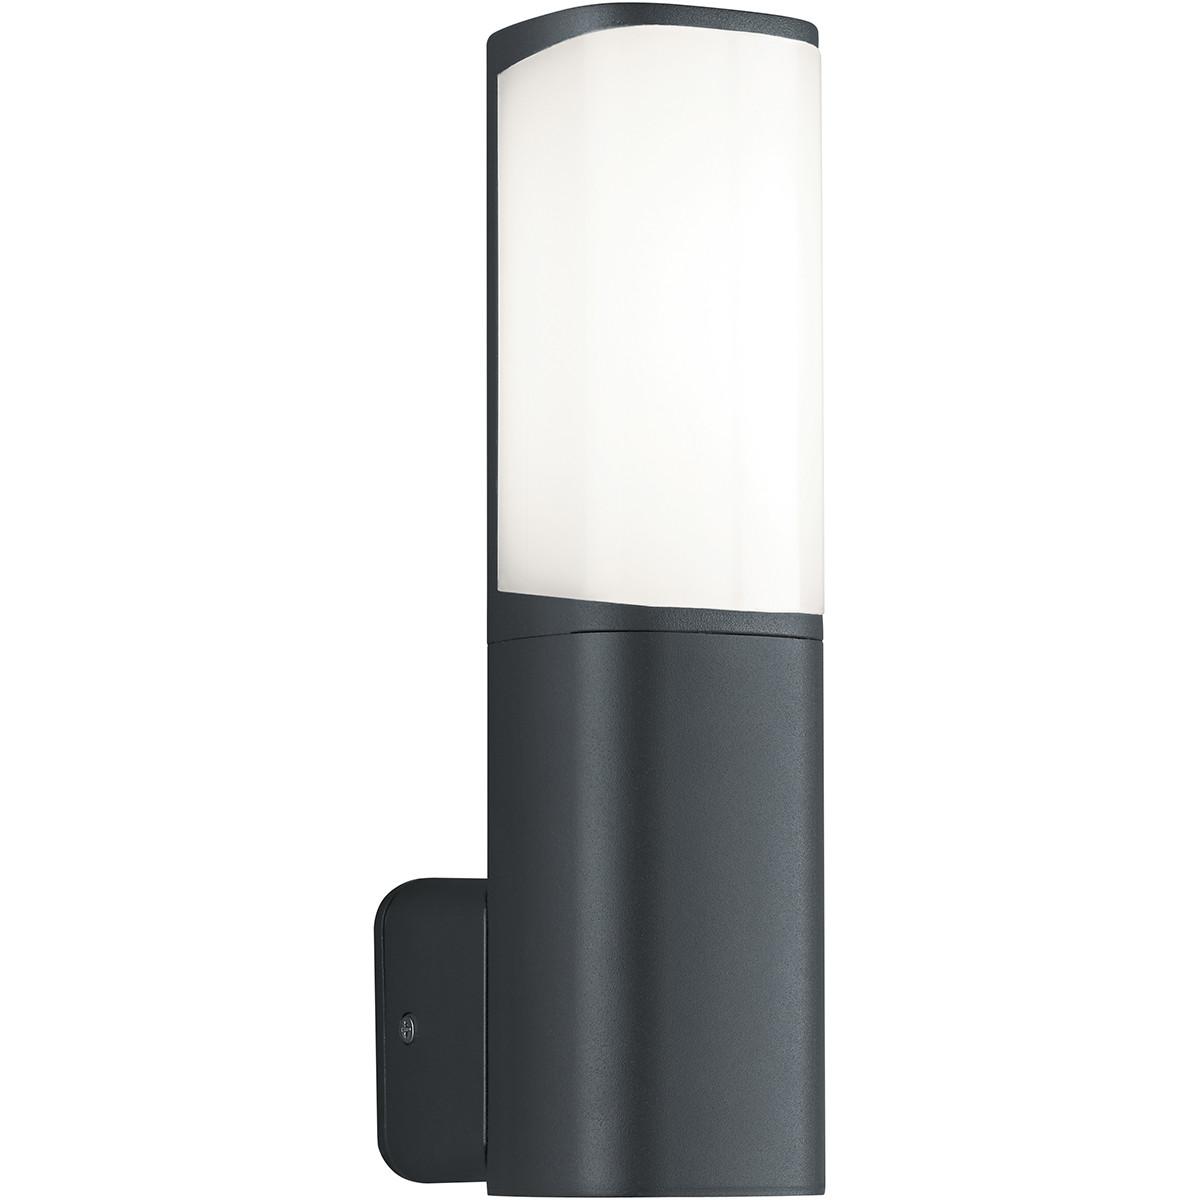 LED Tuinverlichting - Tuinlamp - Trion Ticani - Wand - 5W - Mat Zwart - Aluminium